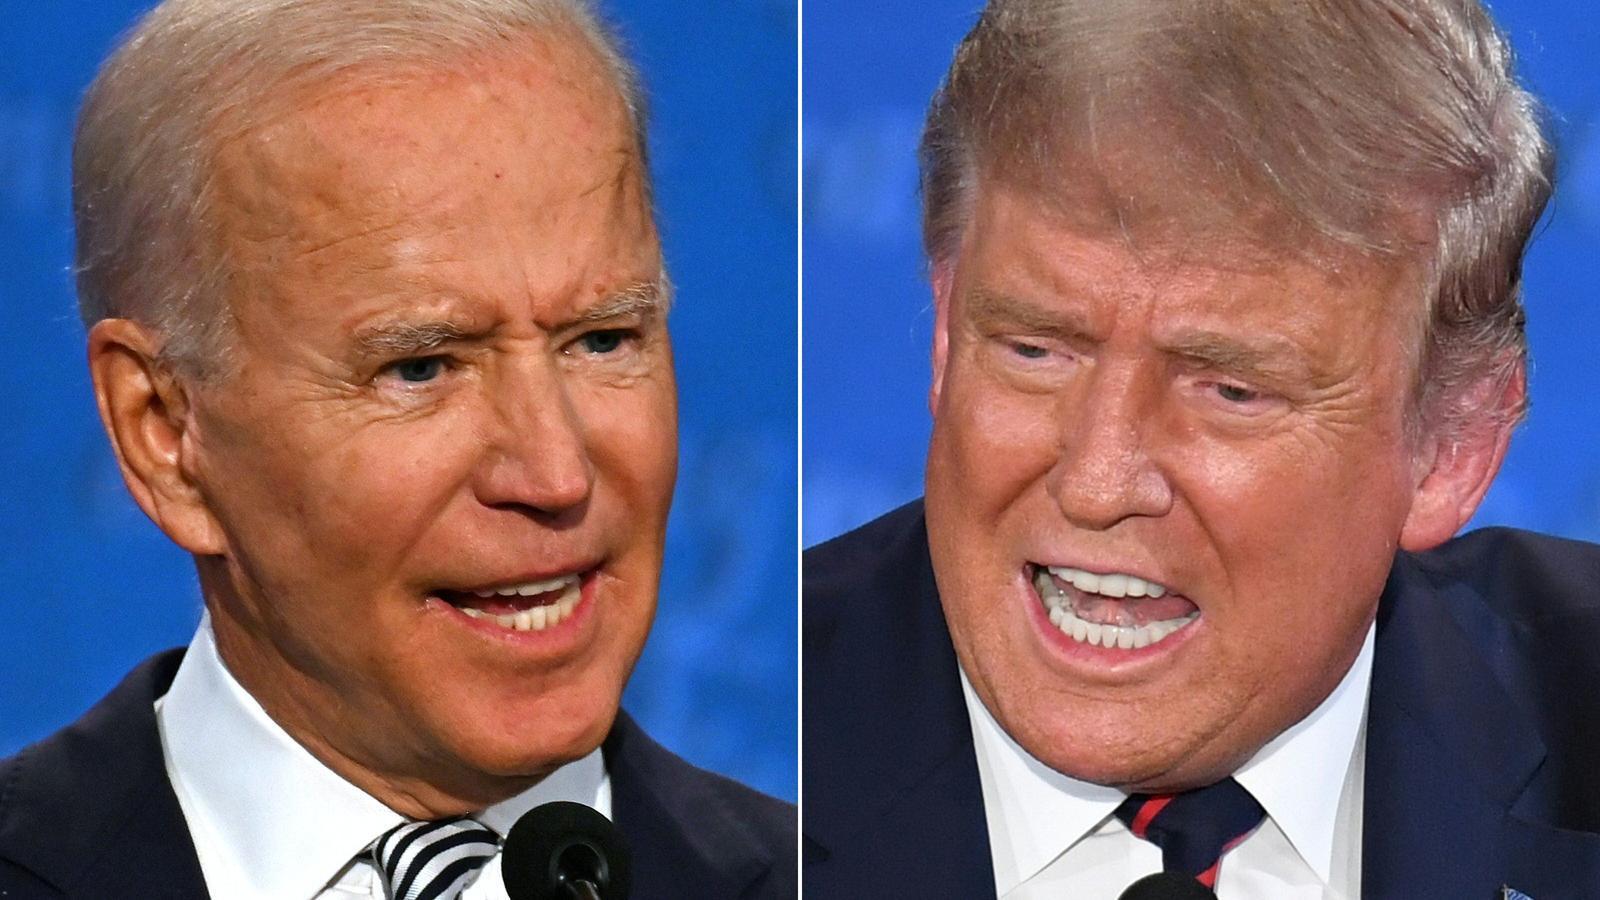 Trump fa del debat un xou per als seus fanàtics, però Biden en surt il·lès